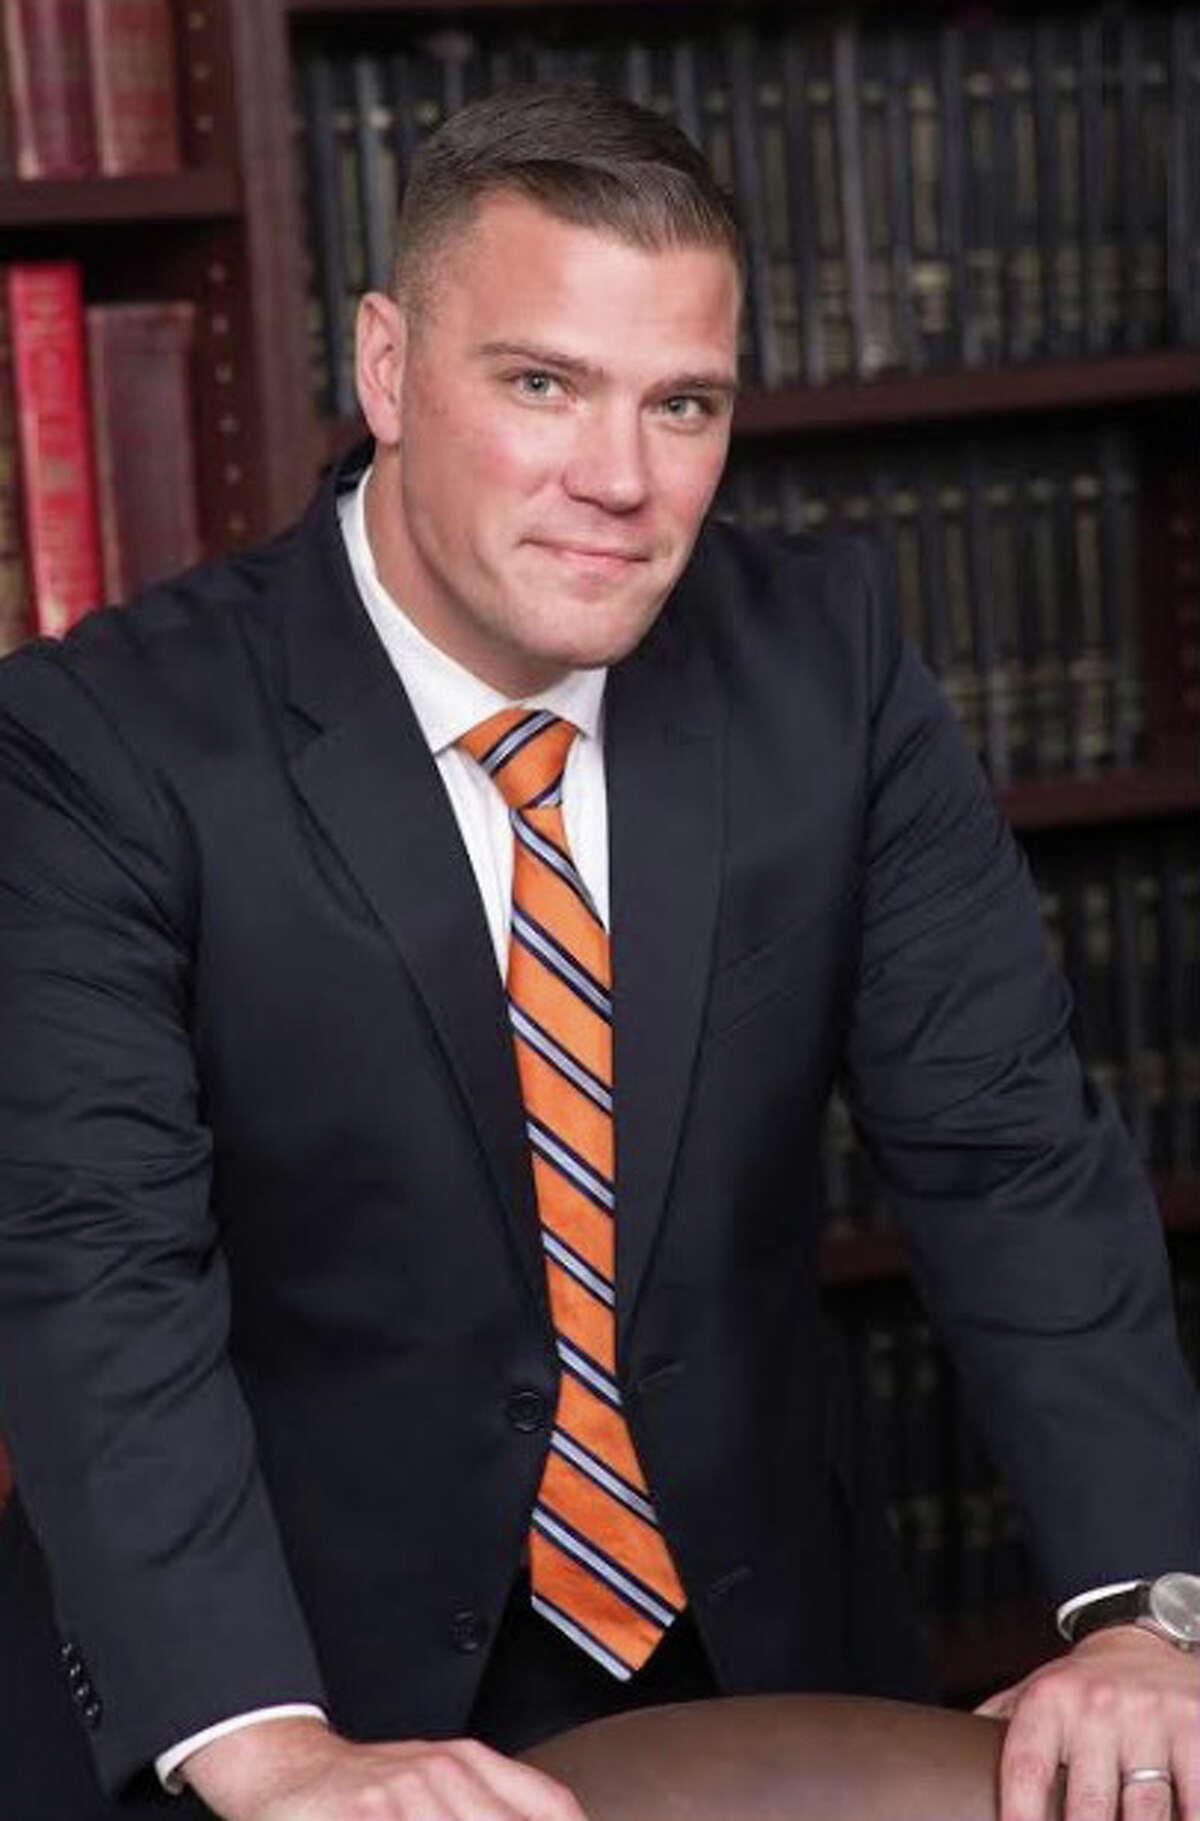 Republican Kyle Van De Water is running for Congress in New York's 19th District.